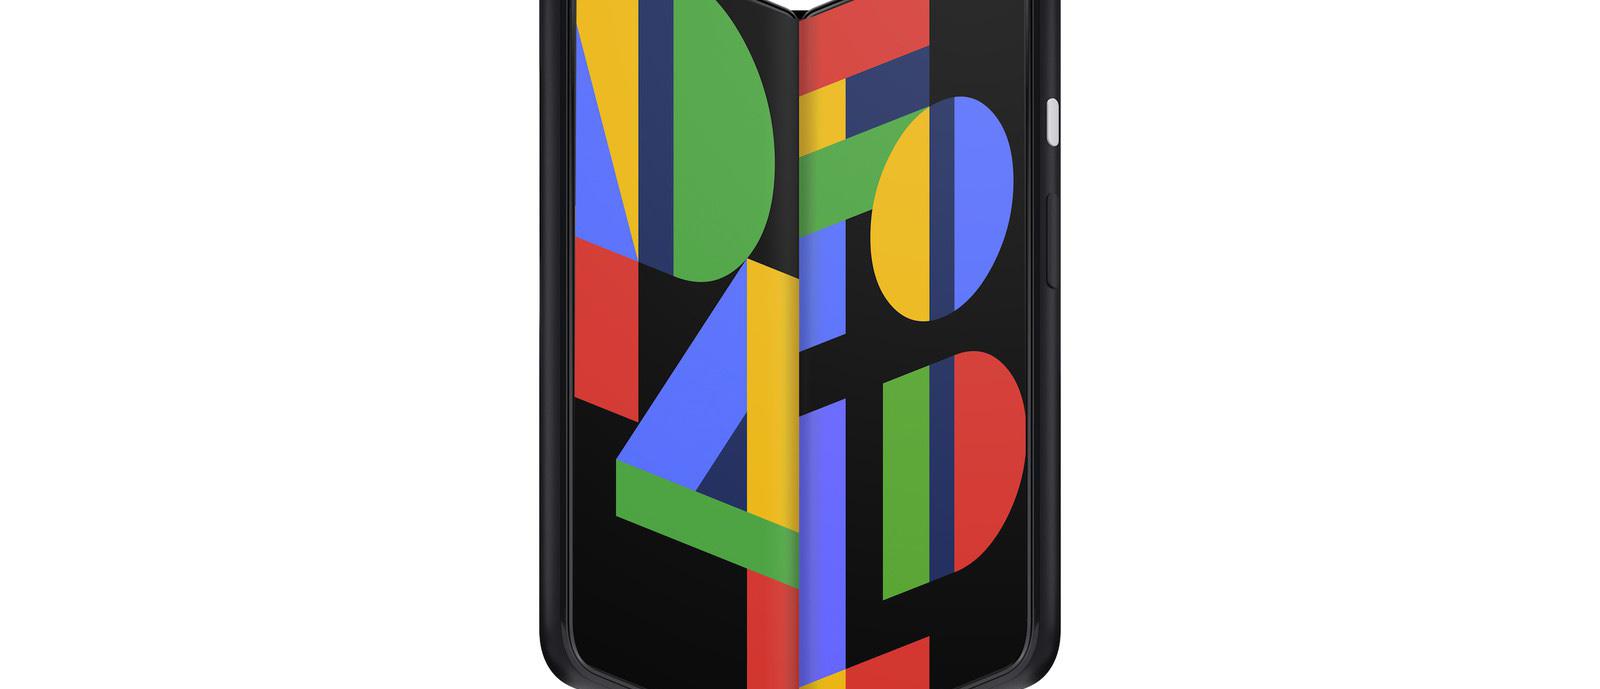 消息称谷歌今年将推出旗下首款可折叠 Pixel 手机 或采用内折叠设计